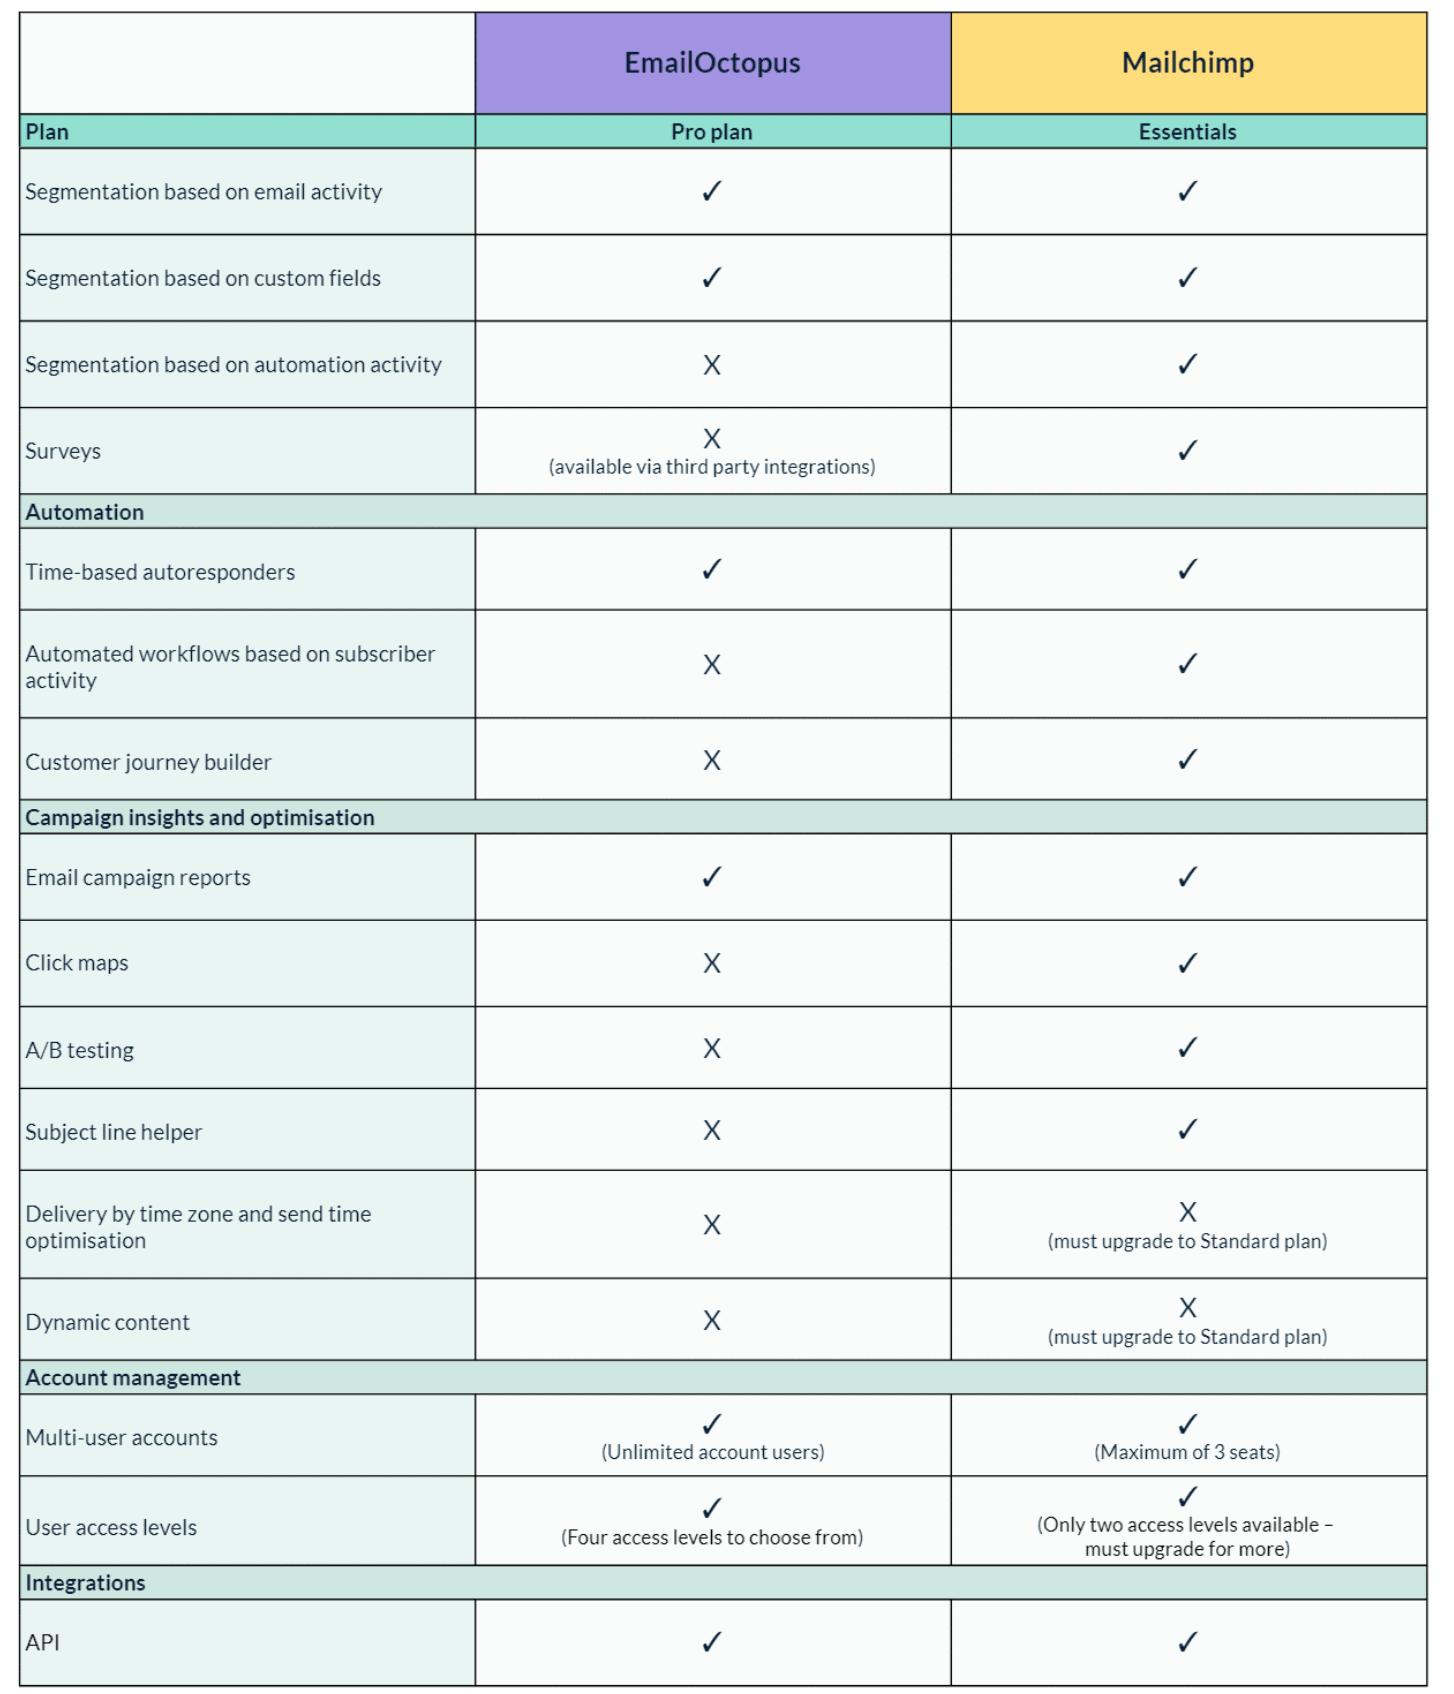 Emailoctopus vs mailchimp